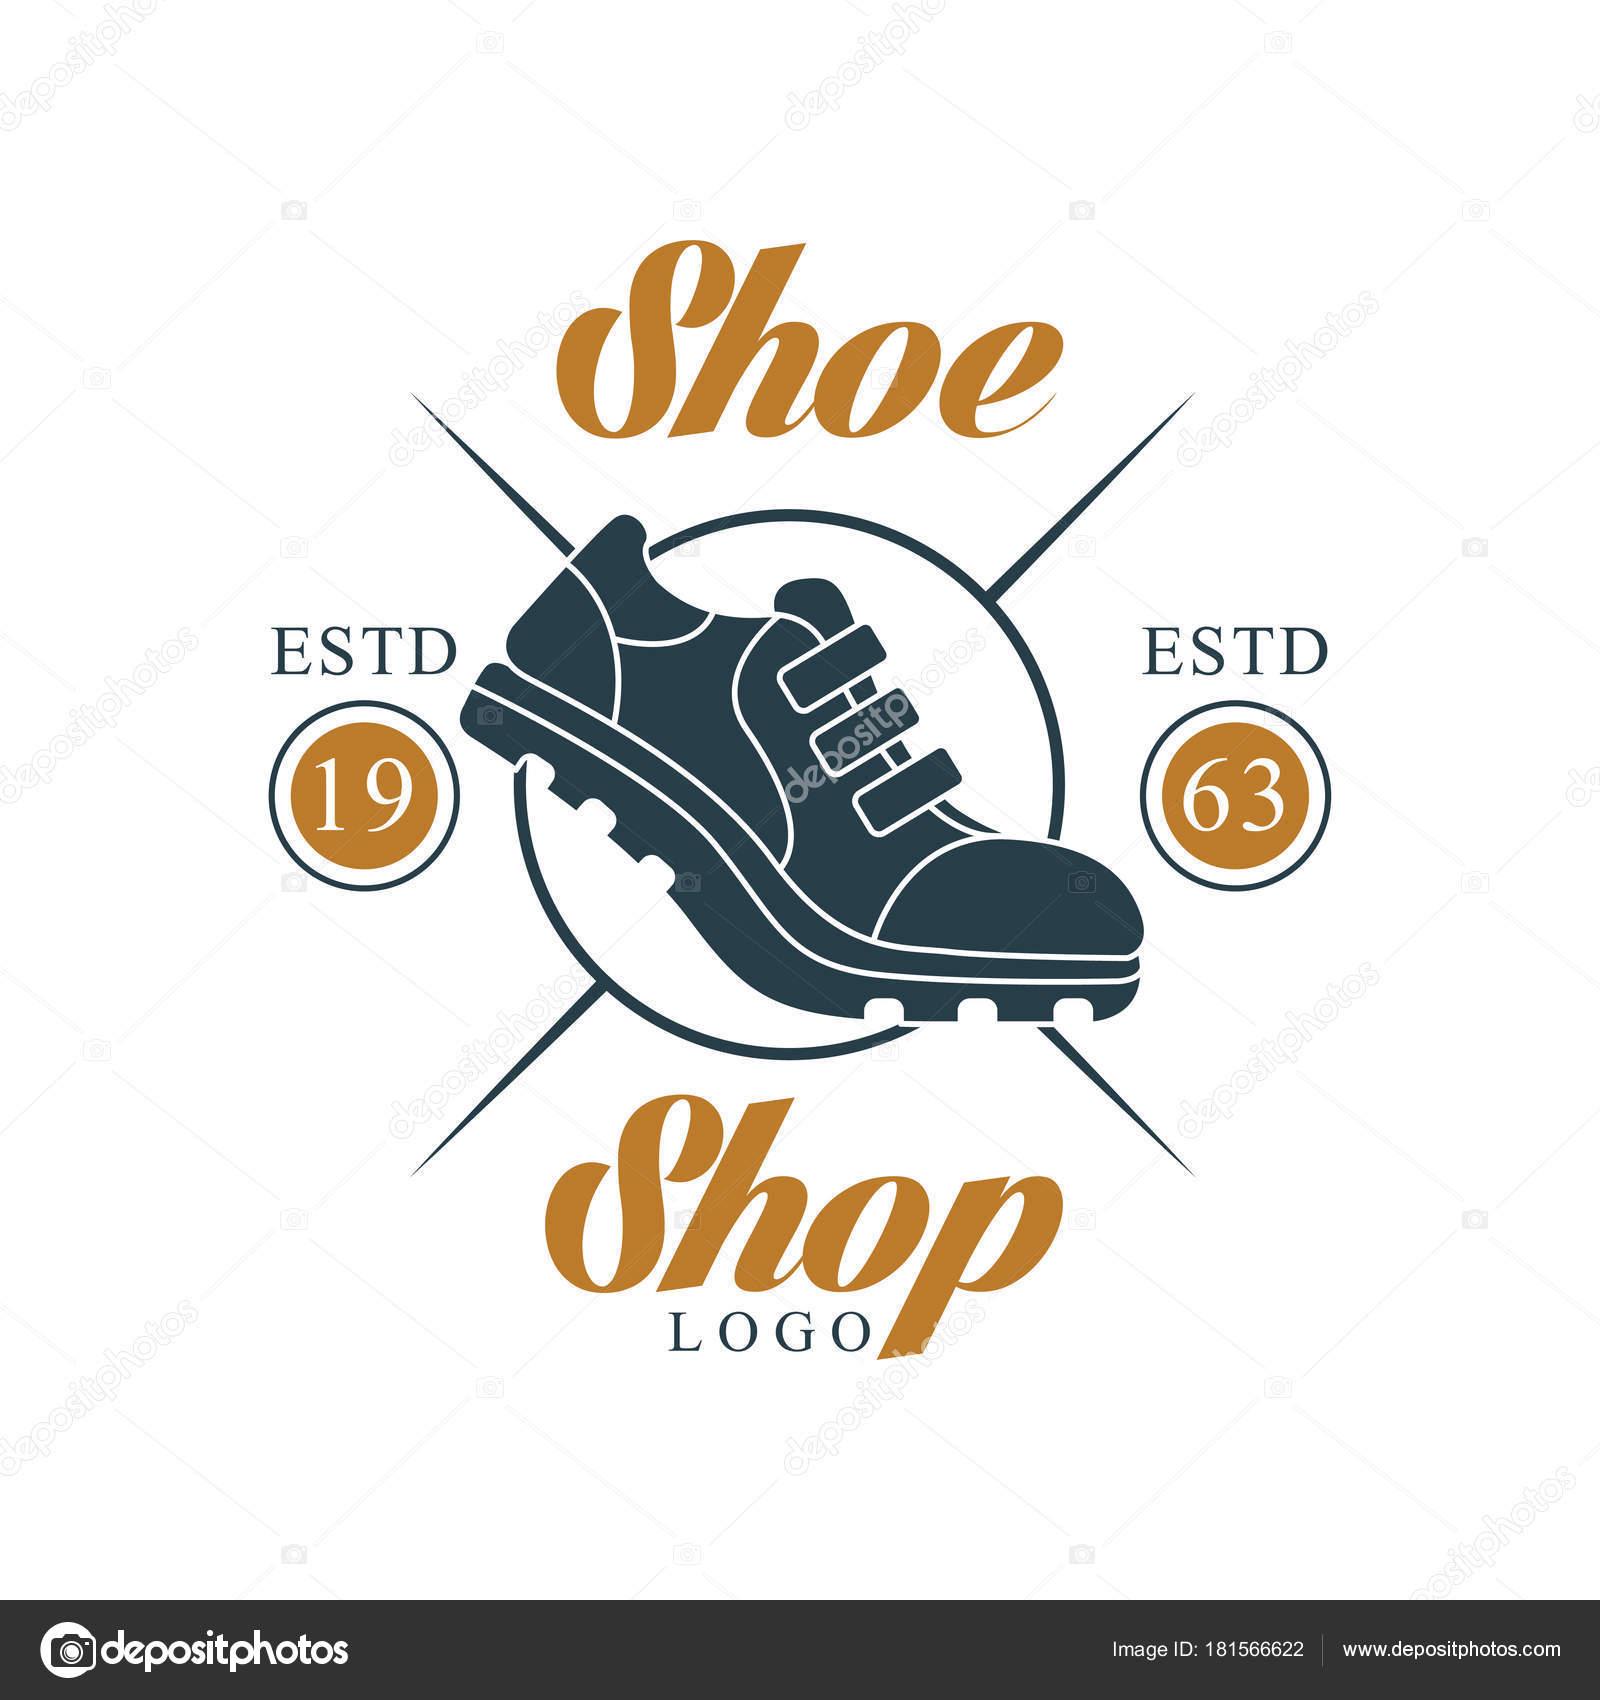 102bacd4 Zapato tienda insignia, estd 1963, vintage tarjeta de identidad de la  empresa, marca